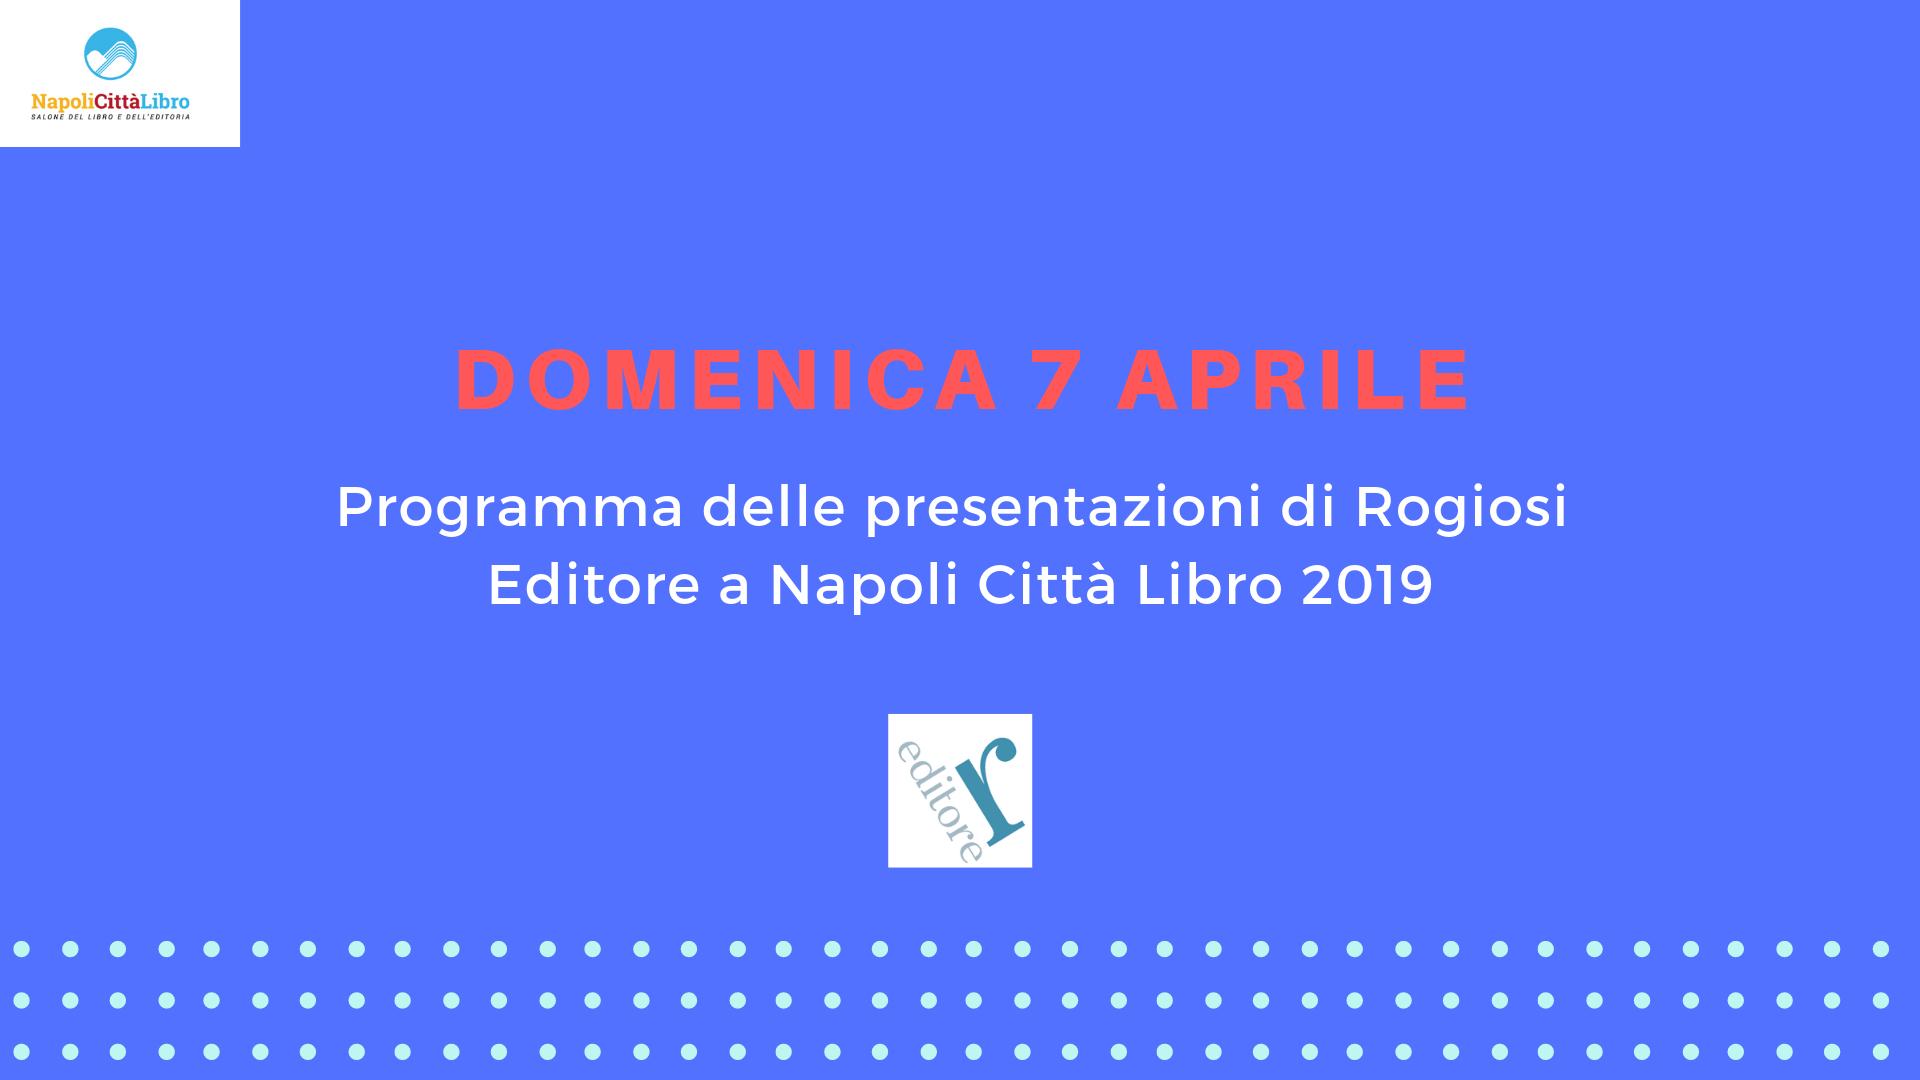 Domenica 7 Aprile: le nostre presentazioni a NapoliCittàLibro